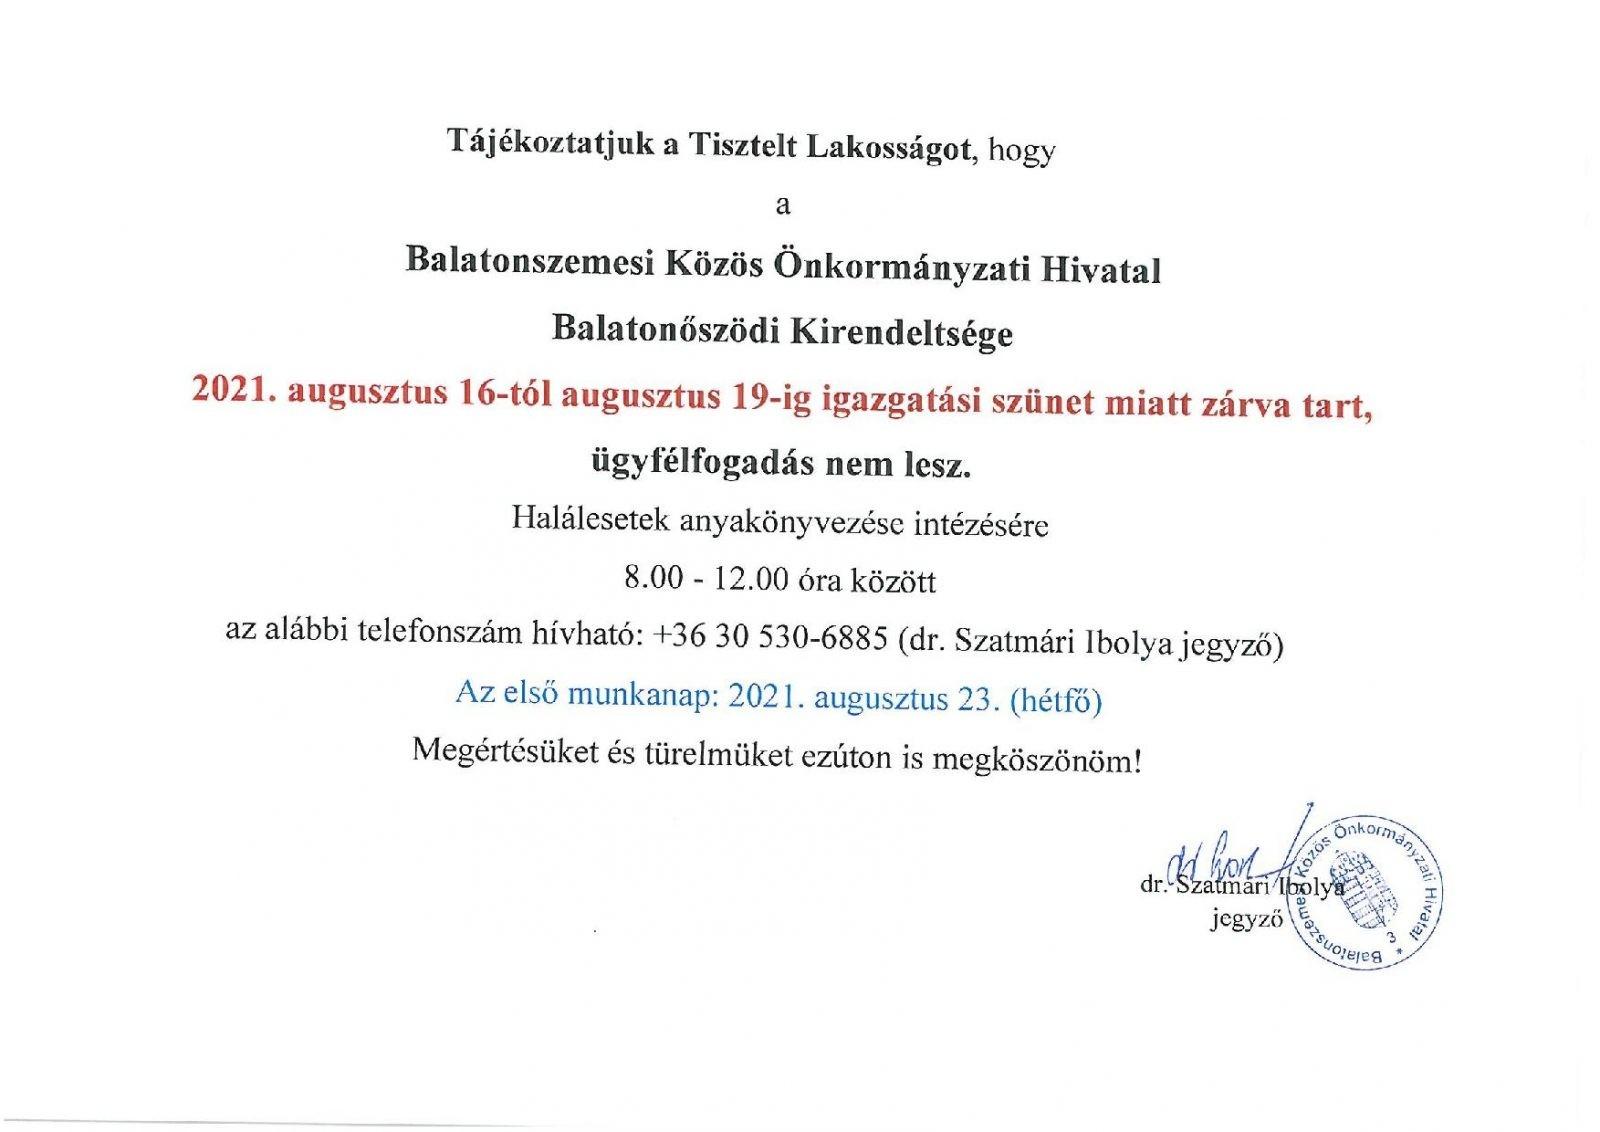 SKMBT C36021081015551 page 001 Igazgatási szünet